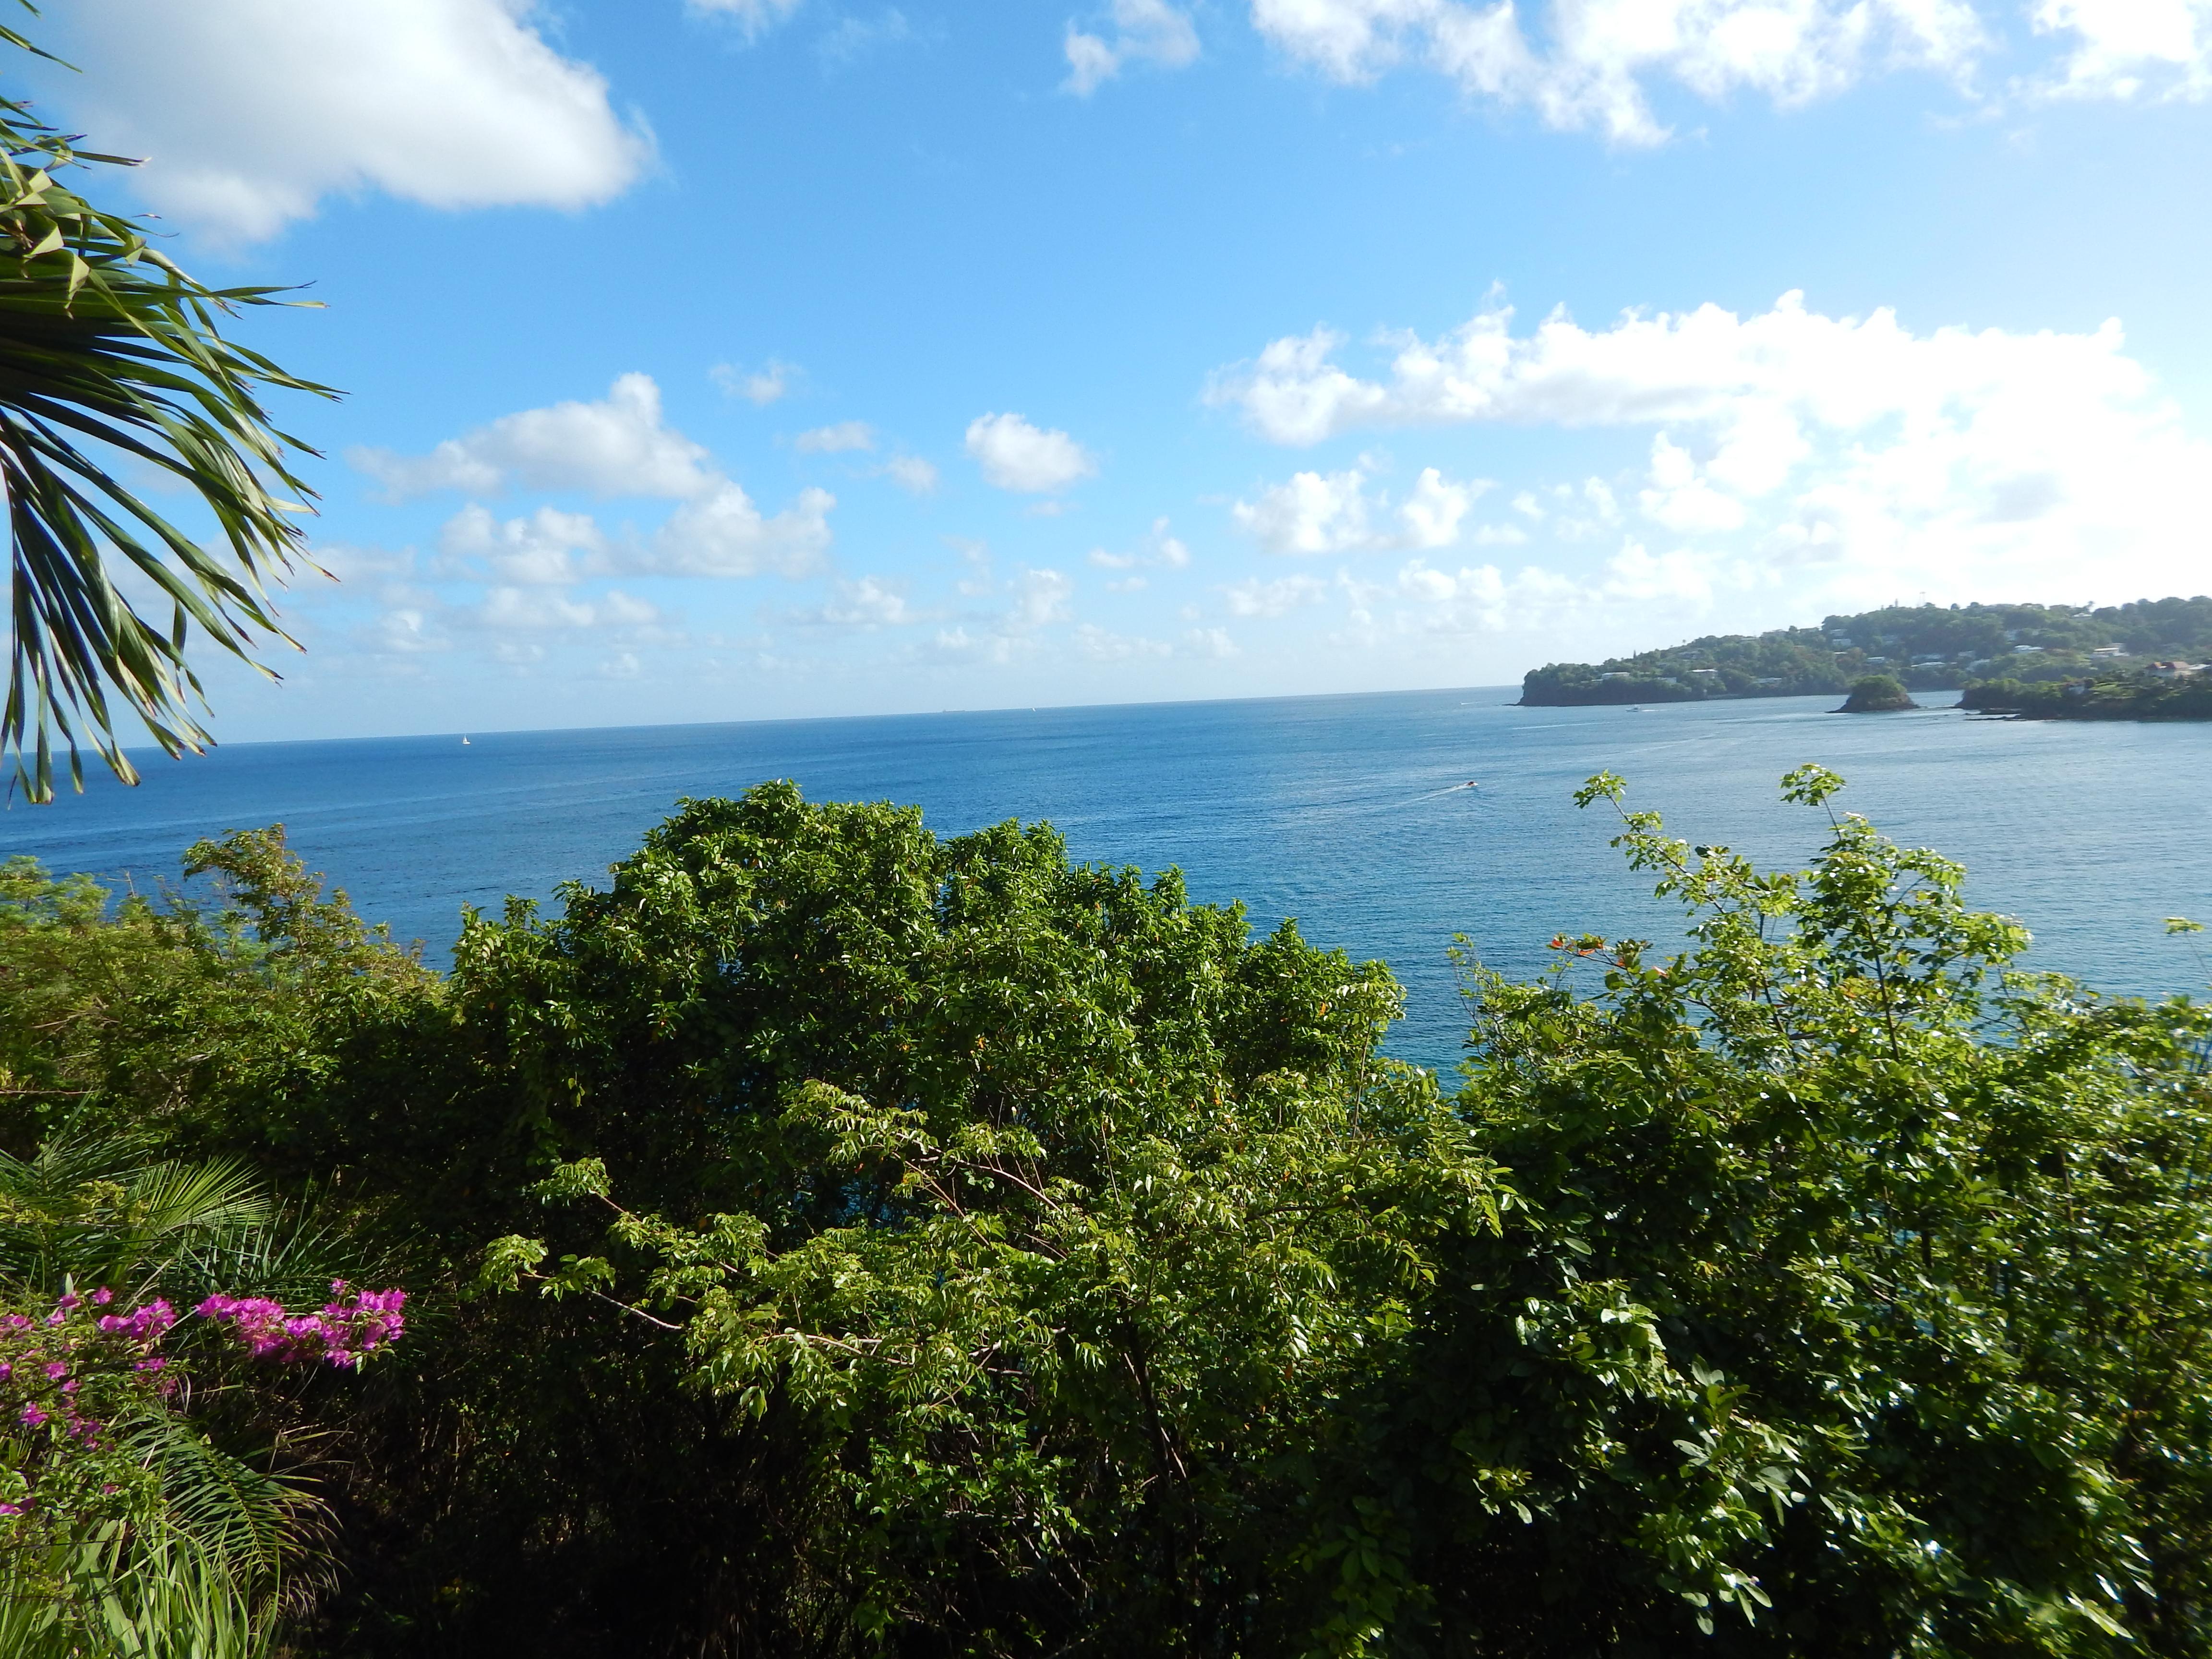 Sandals Regency La Toc St Lucia World Class Cruises Amp Tours